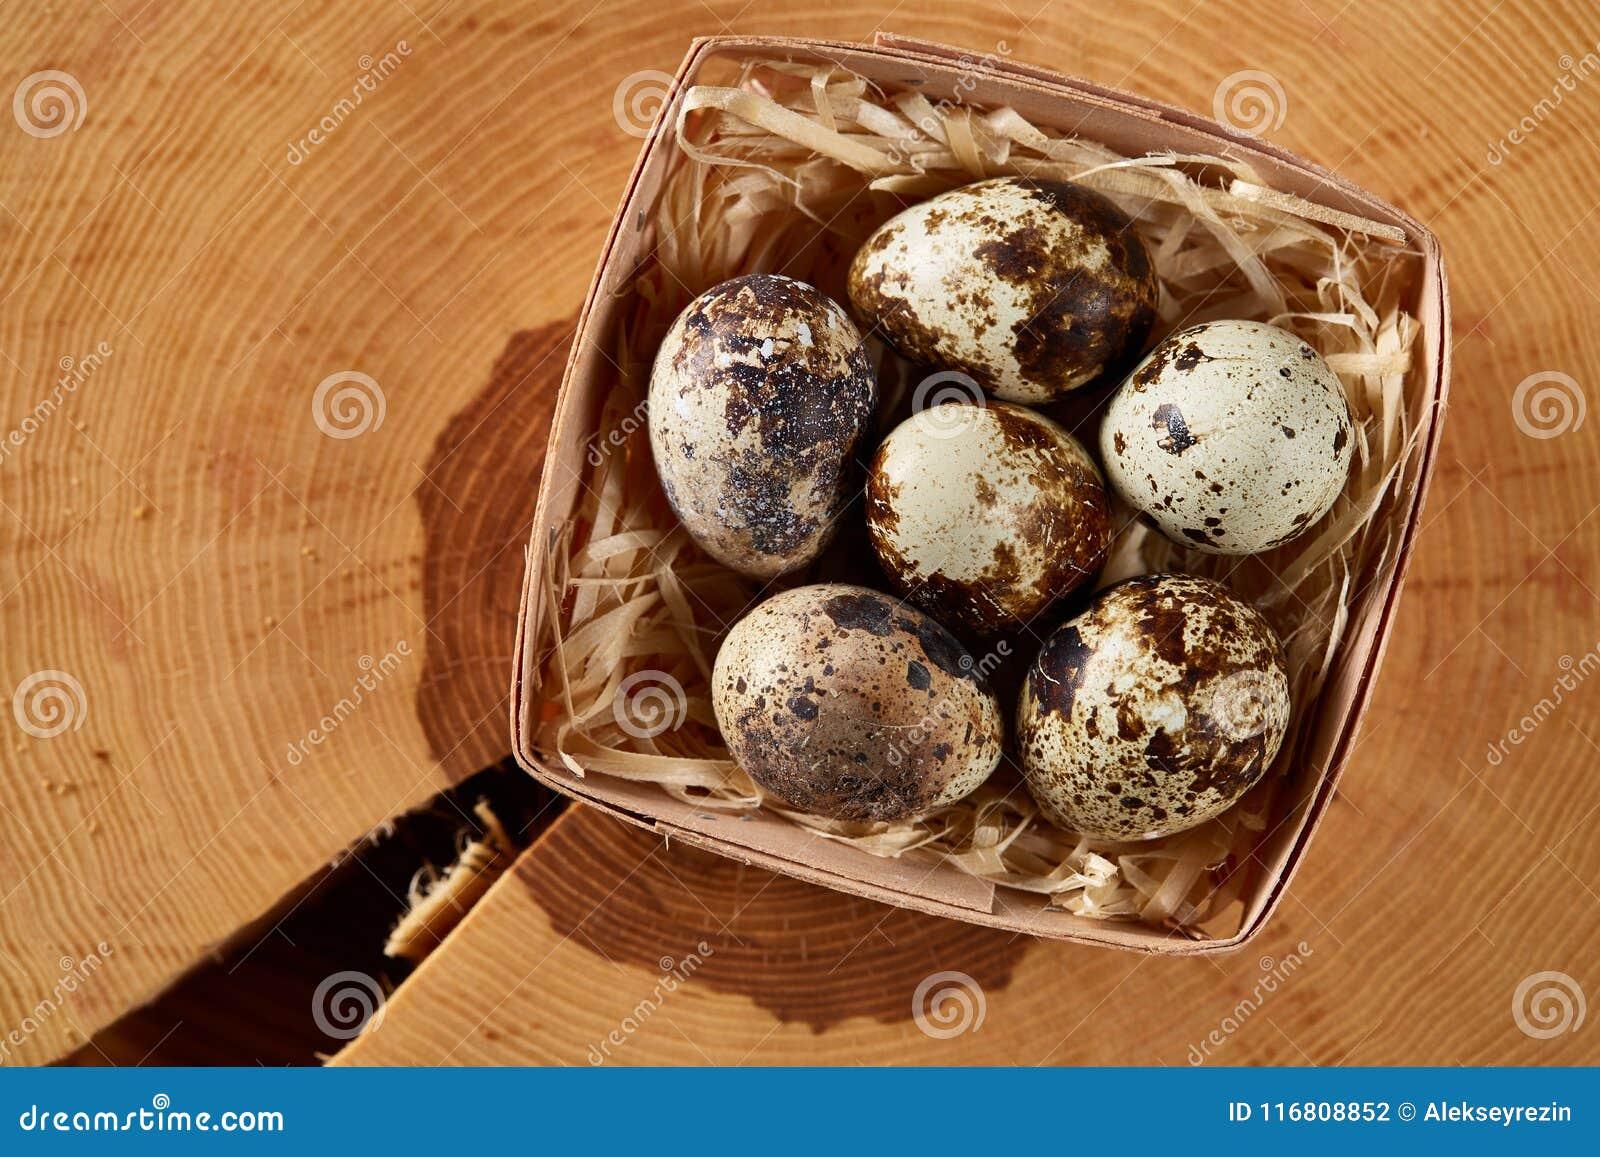 Uova di quaglia in una scatola su un ceppo rotondo, vista superiore, fuoco selettivo